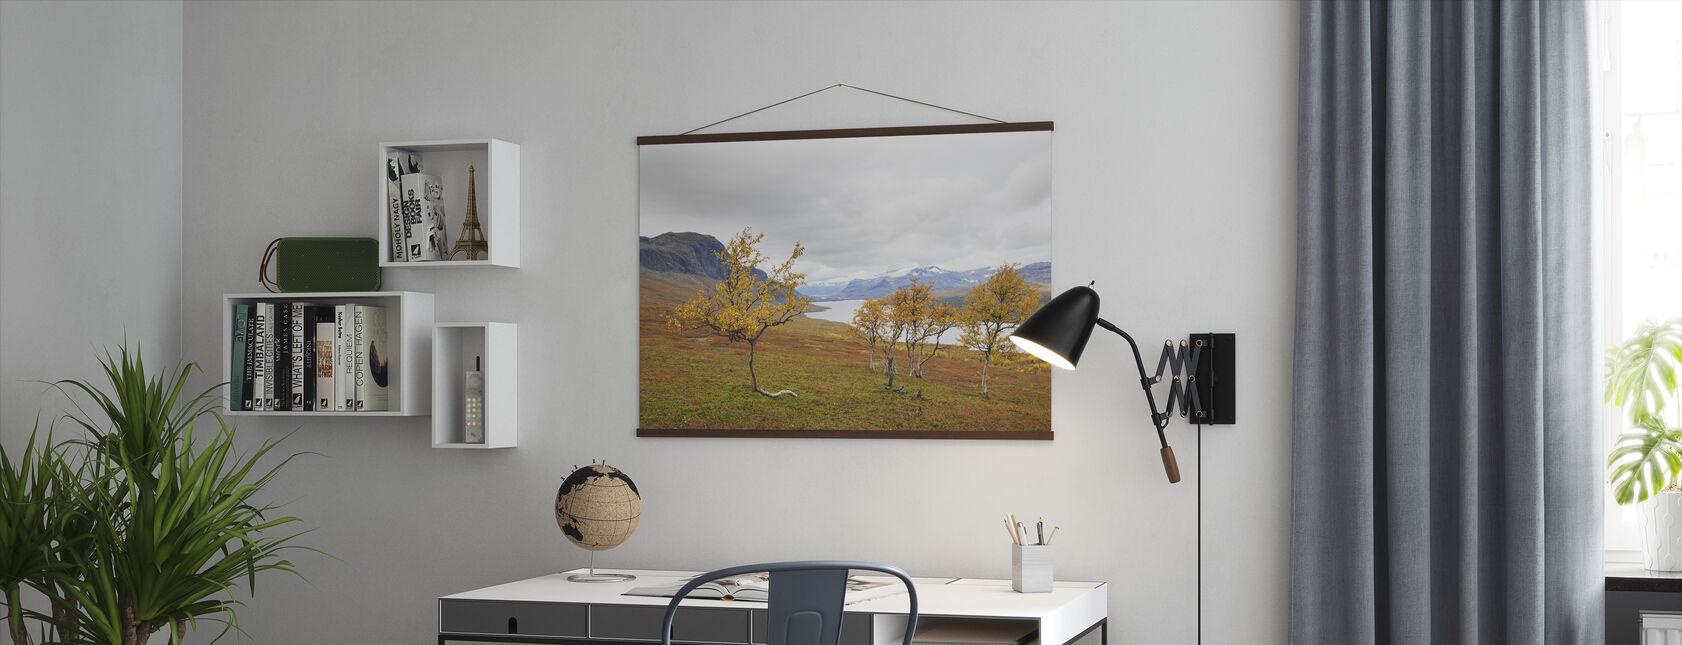 Vacker höst i Saltoloukta - Poster - Kontor